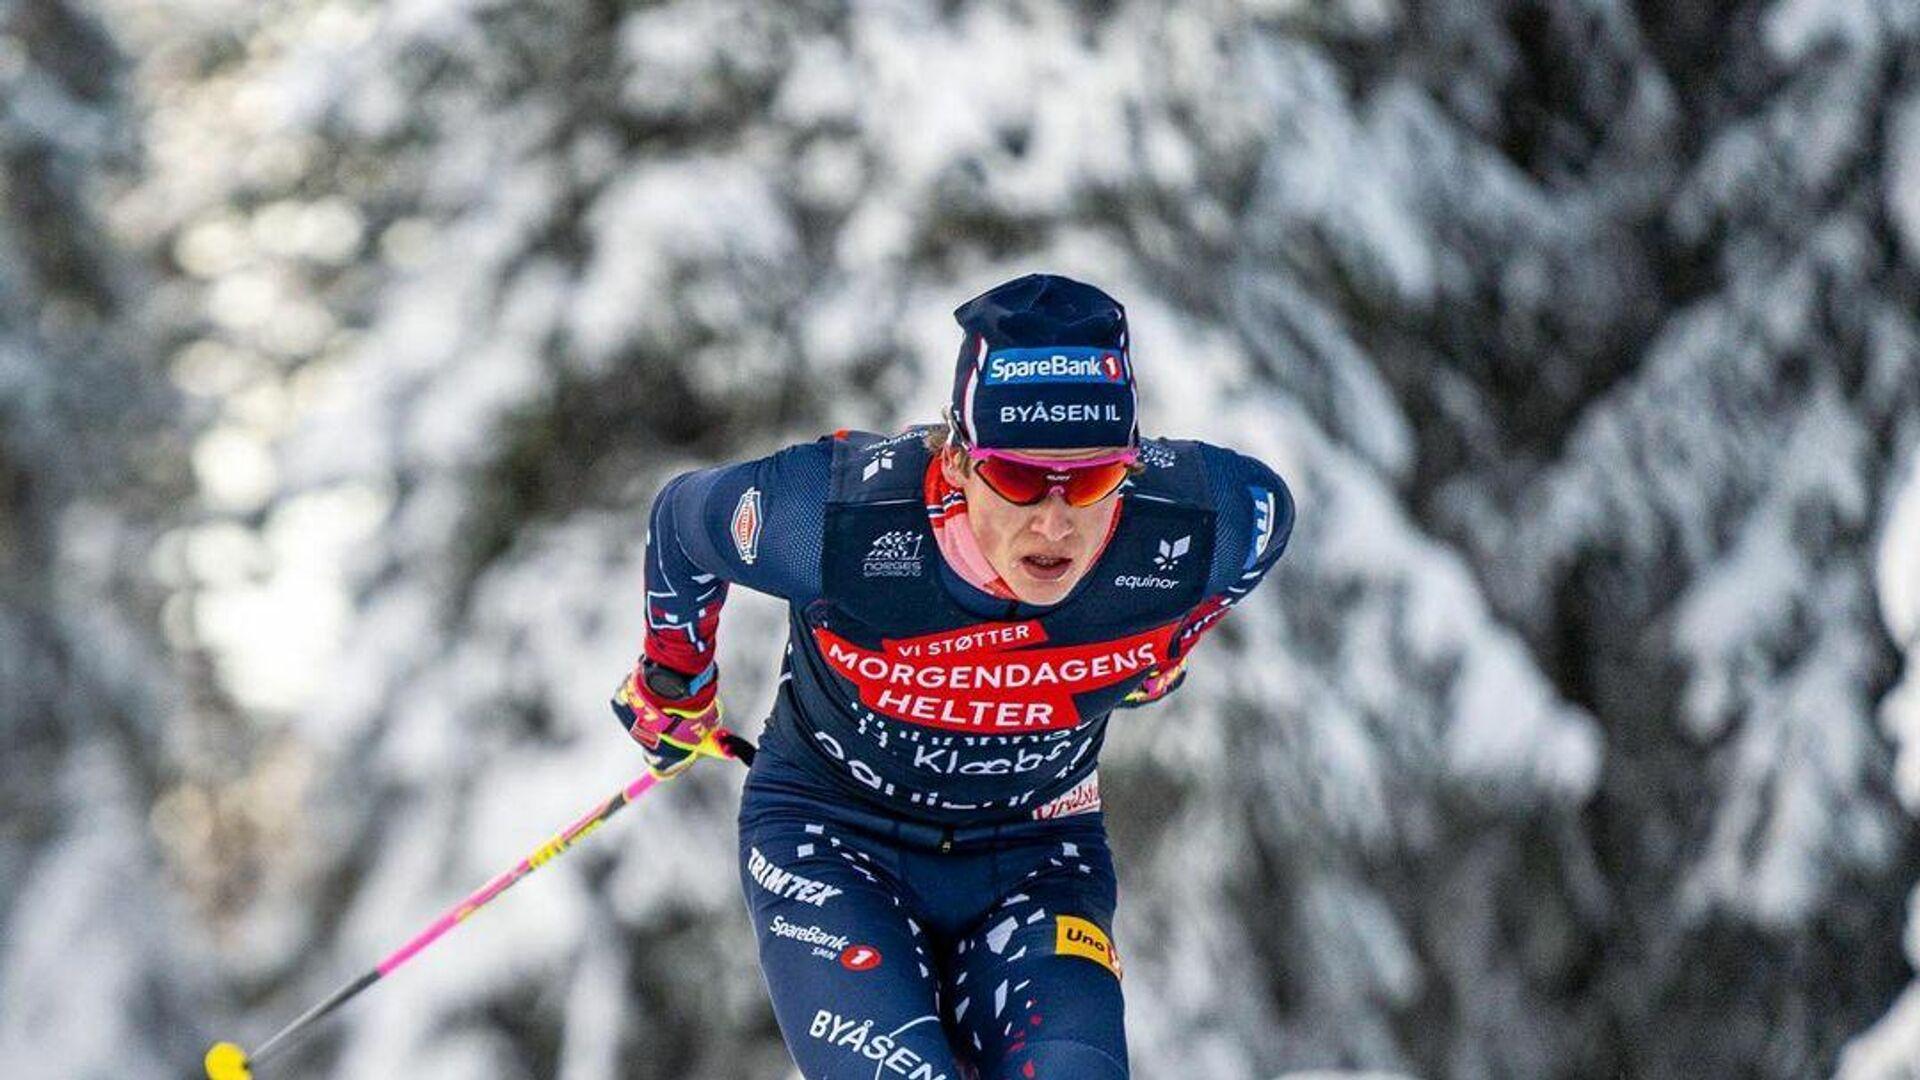 Трехкратный олимпийский чемпион по лыжным гонкам Йоханнес Клебо - РИА Новости, 1920, 27.02.2021